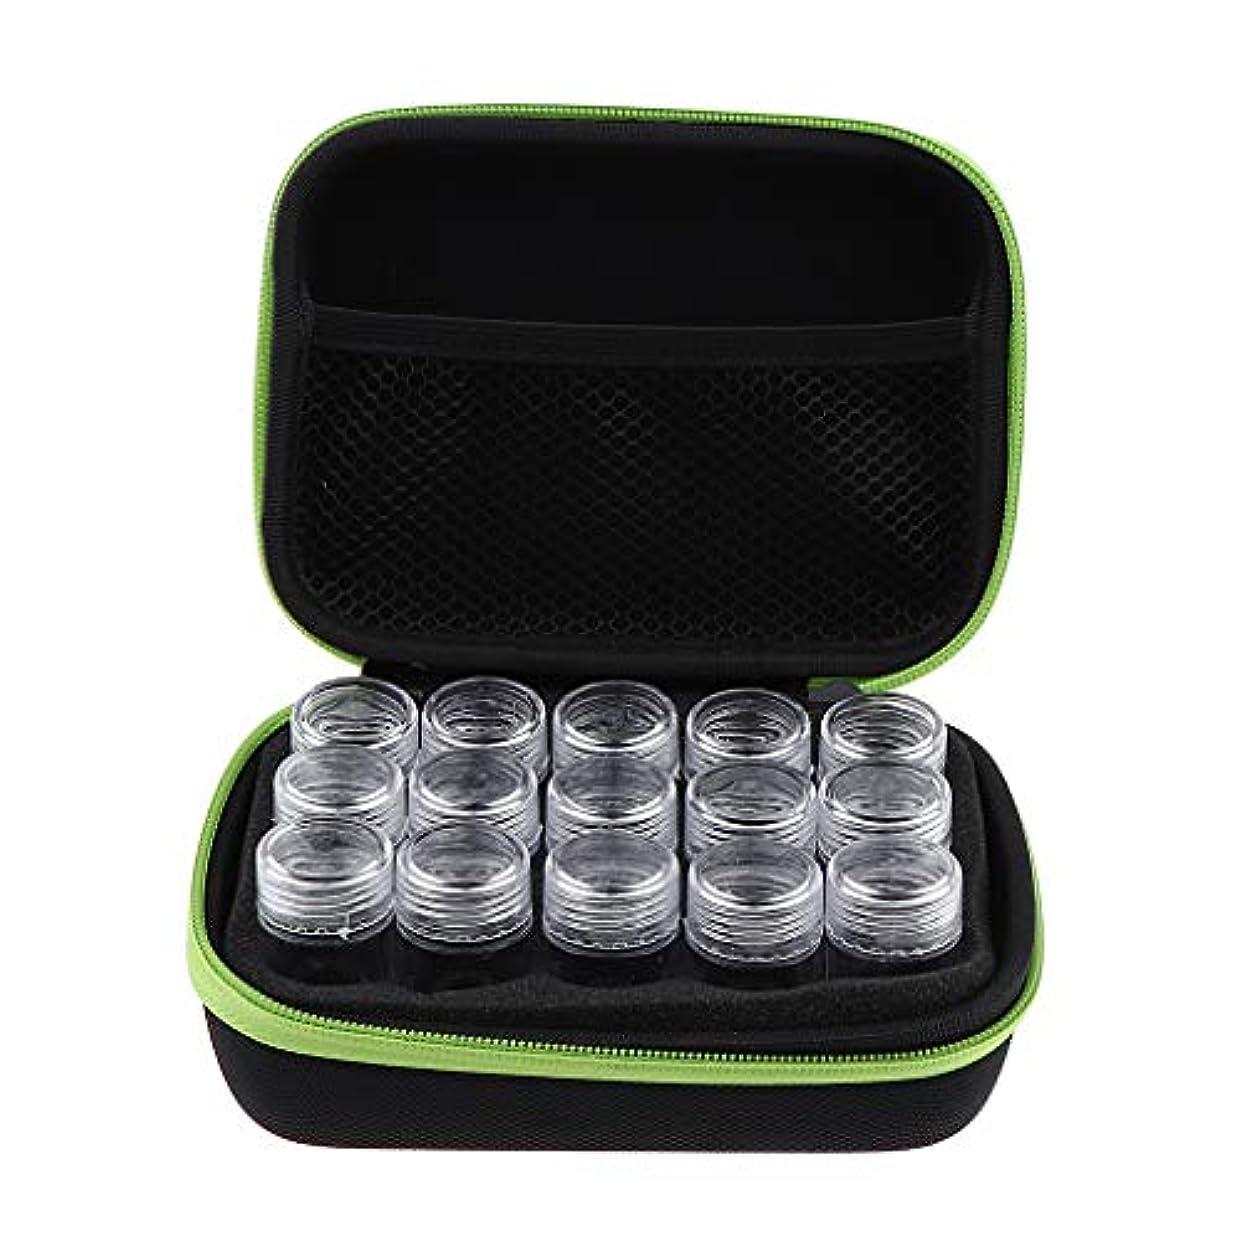 ピュー細い細部アロマポーチ エッセンシャルオイル ケース 携帯用 メイクポーチ 精油ケース 大容量 15本用 - 緑